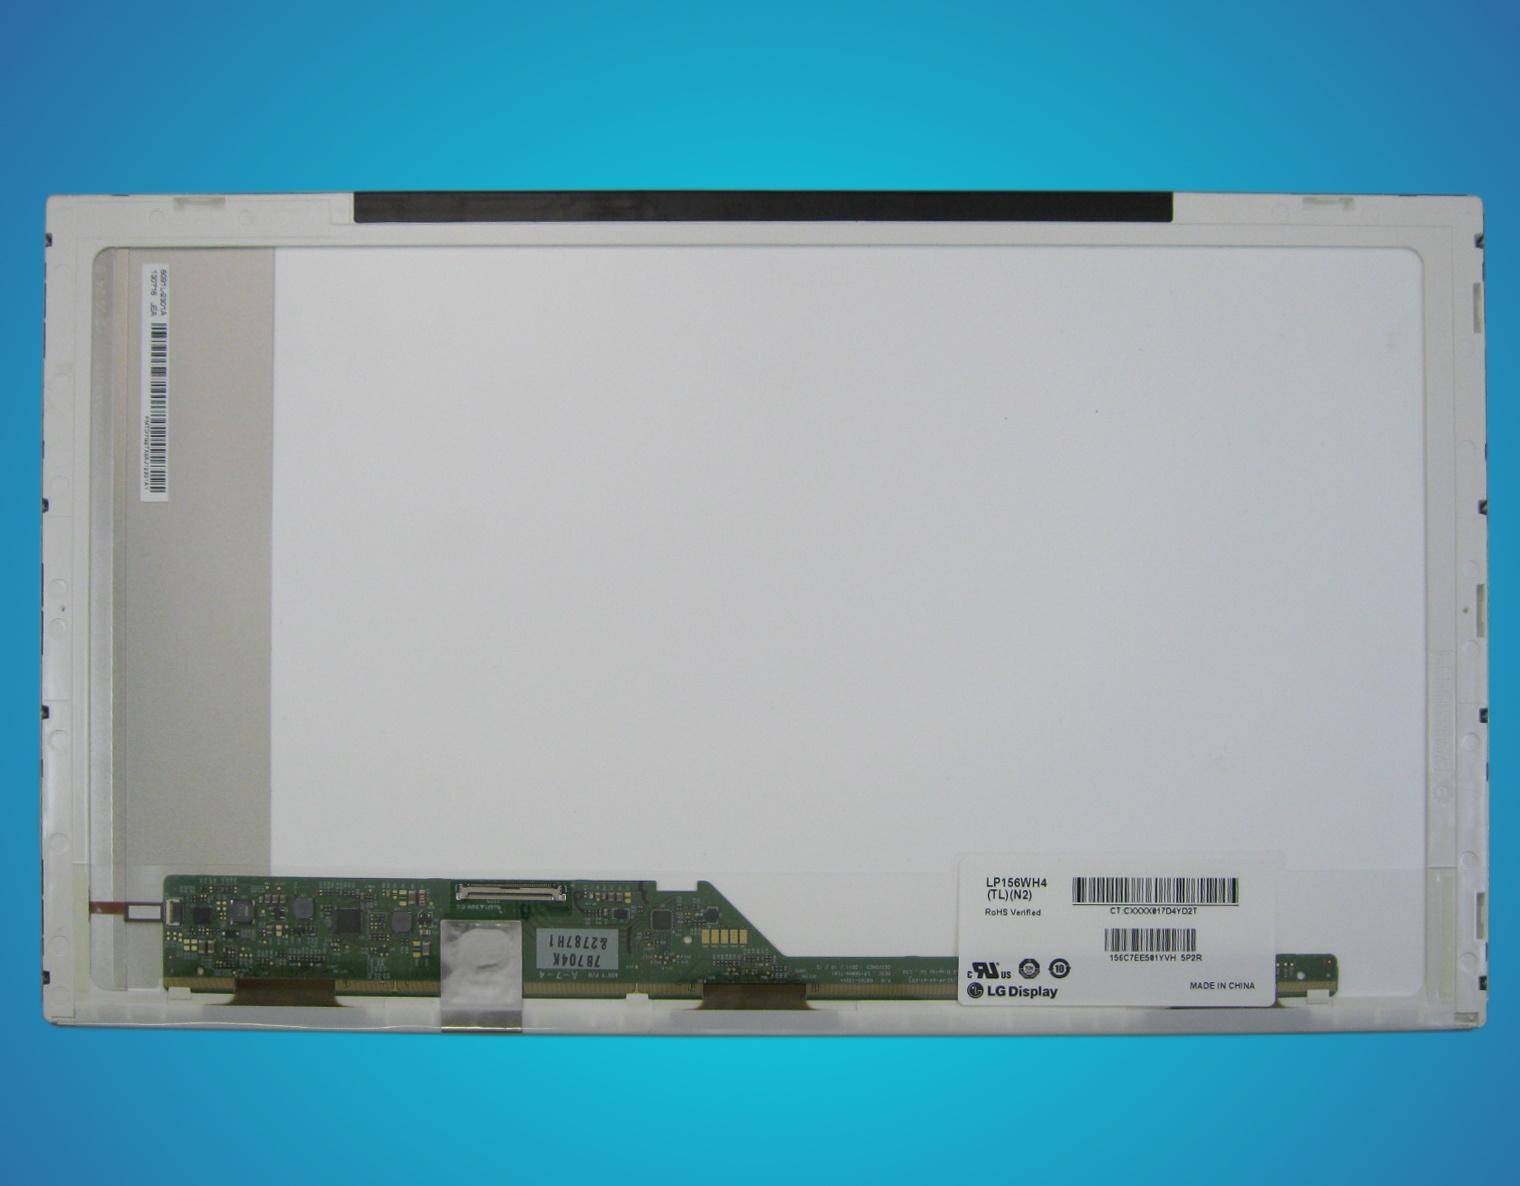 Jual Lcd Led Toshiba L645 Jogja Sparepart Laptop1 Tokopedia Laptop Satellite C600 C640 L600 L640 L740 L745